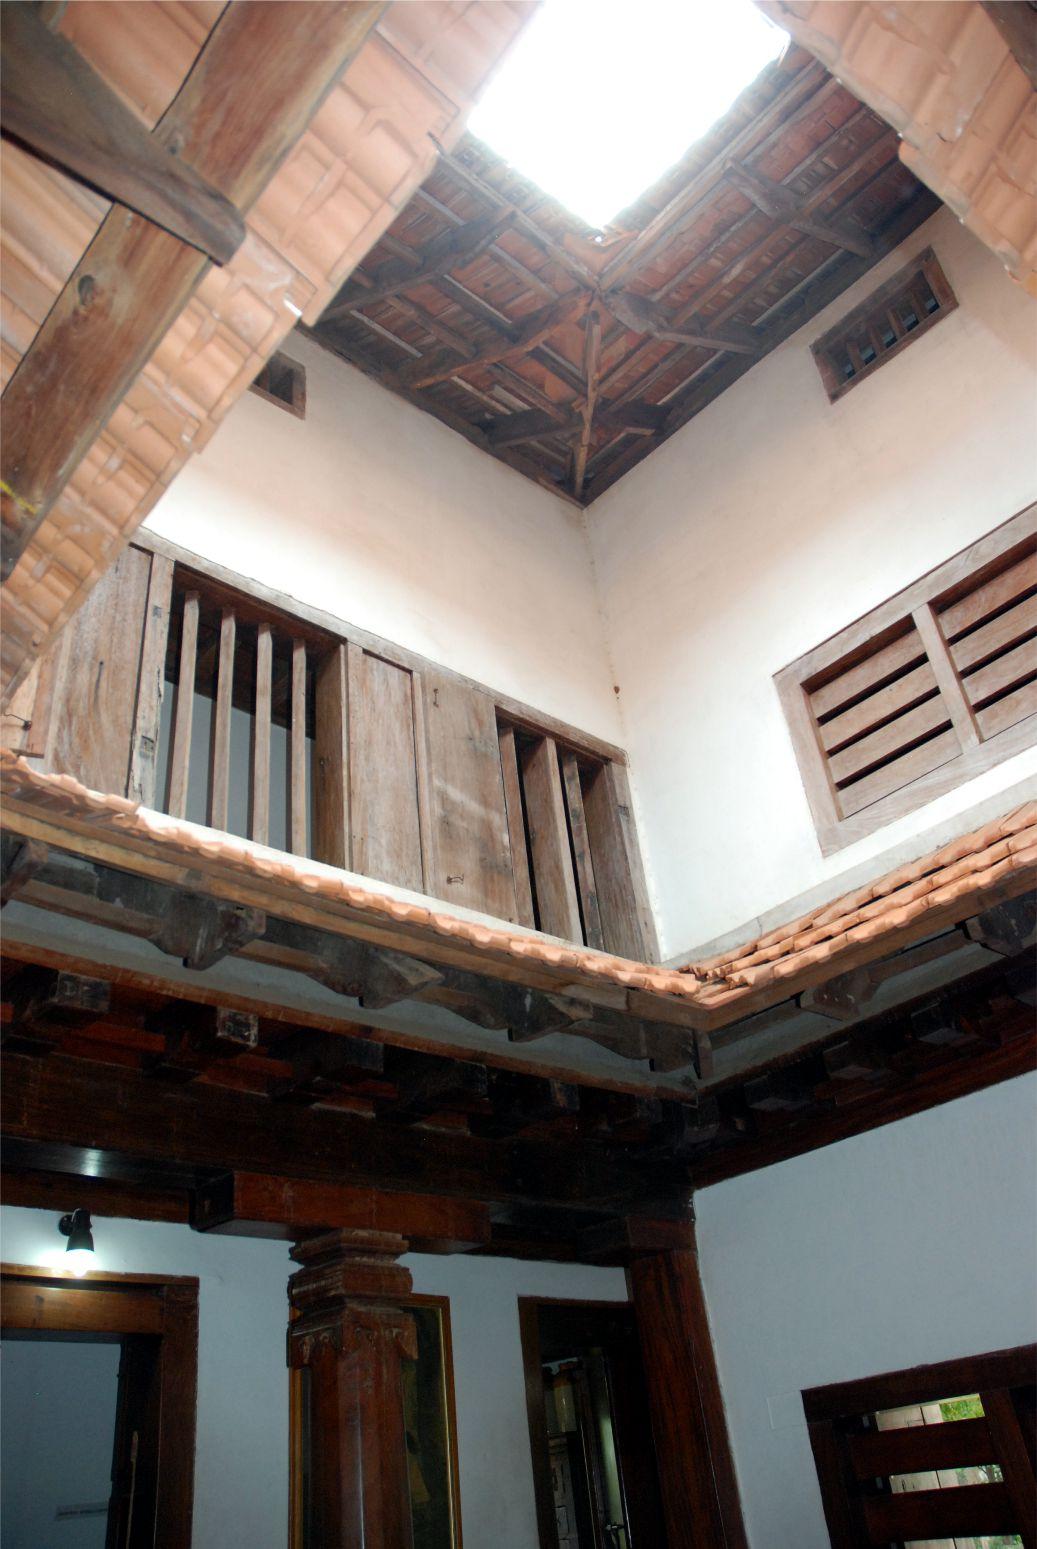 Ennek kétszinten lakóháznak is nyitott a közepe az ég felé. A nyitott középső részt körülvevő kis folyosóról nyílnak a szobák.